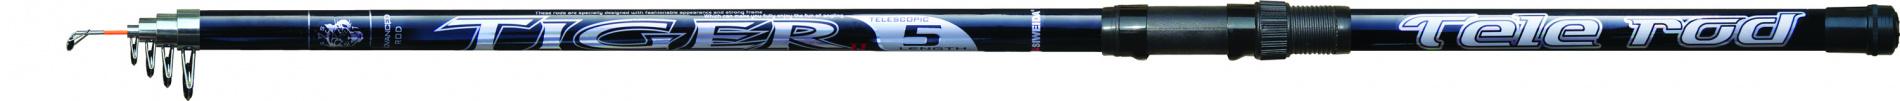 Удилище тел. SWD Tiger 6м c/кУдилища поплавочные<br>Телескопическое удилище из стеклопластика, <br>оснащенное проводочными кольцами. Основные <br>характеристики удилища: длина 6,0м (в сложенном <br>состоянии 115см), количество секций - 6, максимальный <br>вес оснастки - до 25г. Характеризуется средним <br>строем, высокой прочностью и эластичностью <br>бланка. Рекомендуется для поплавочной ловли <br>как с берега, так и для ловли с лодки.<br>